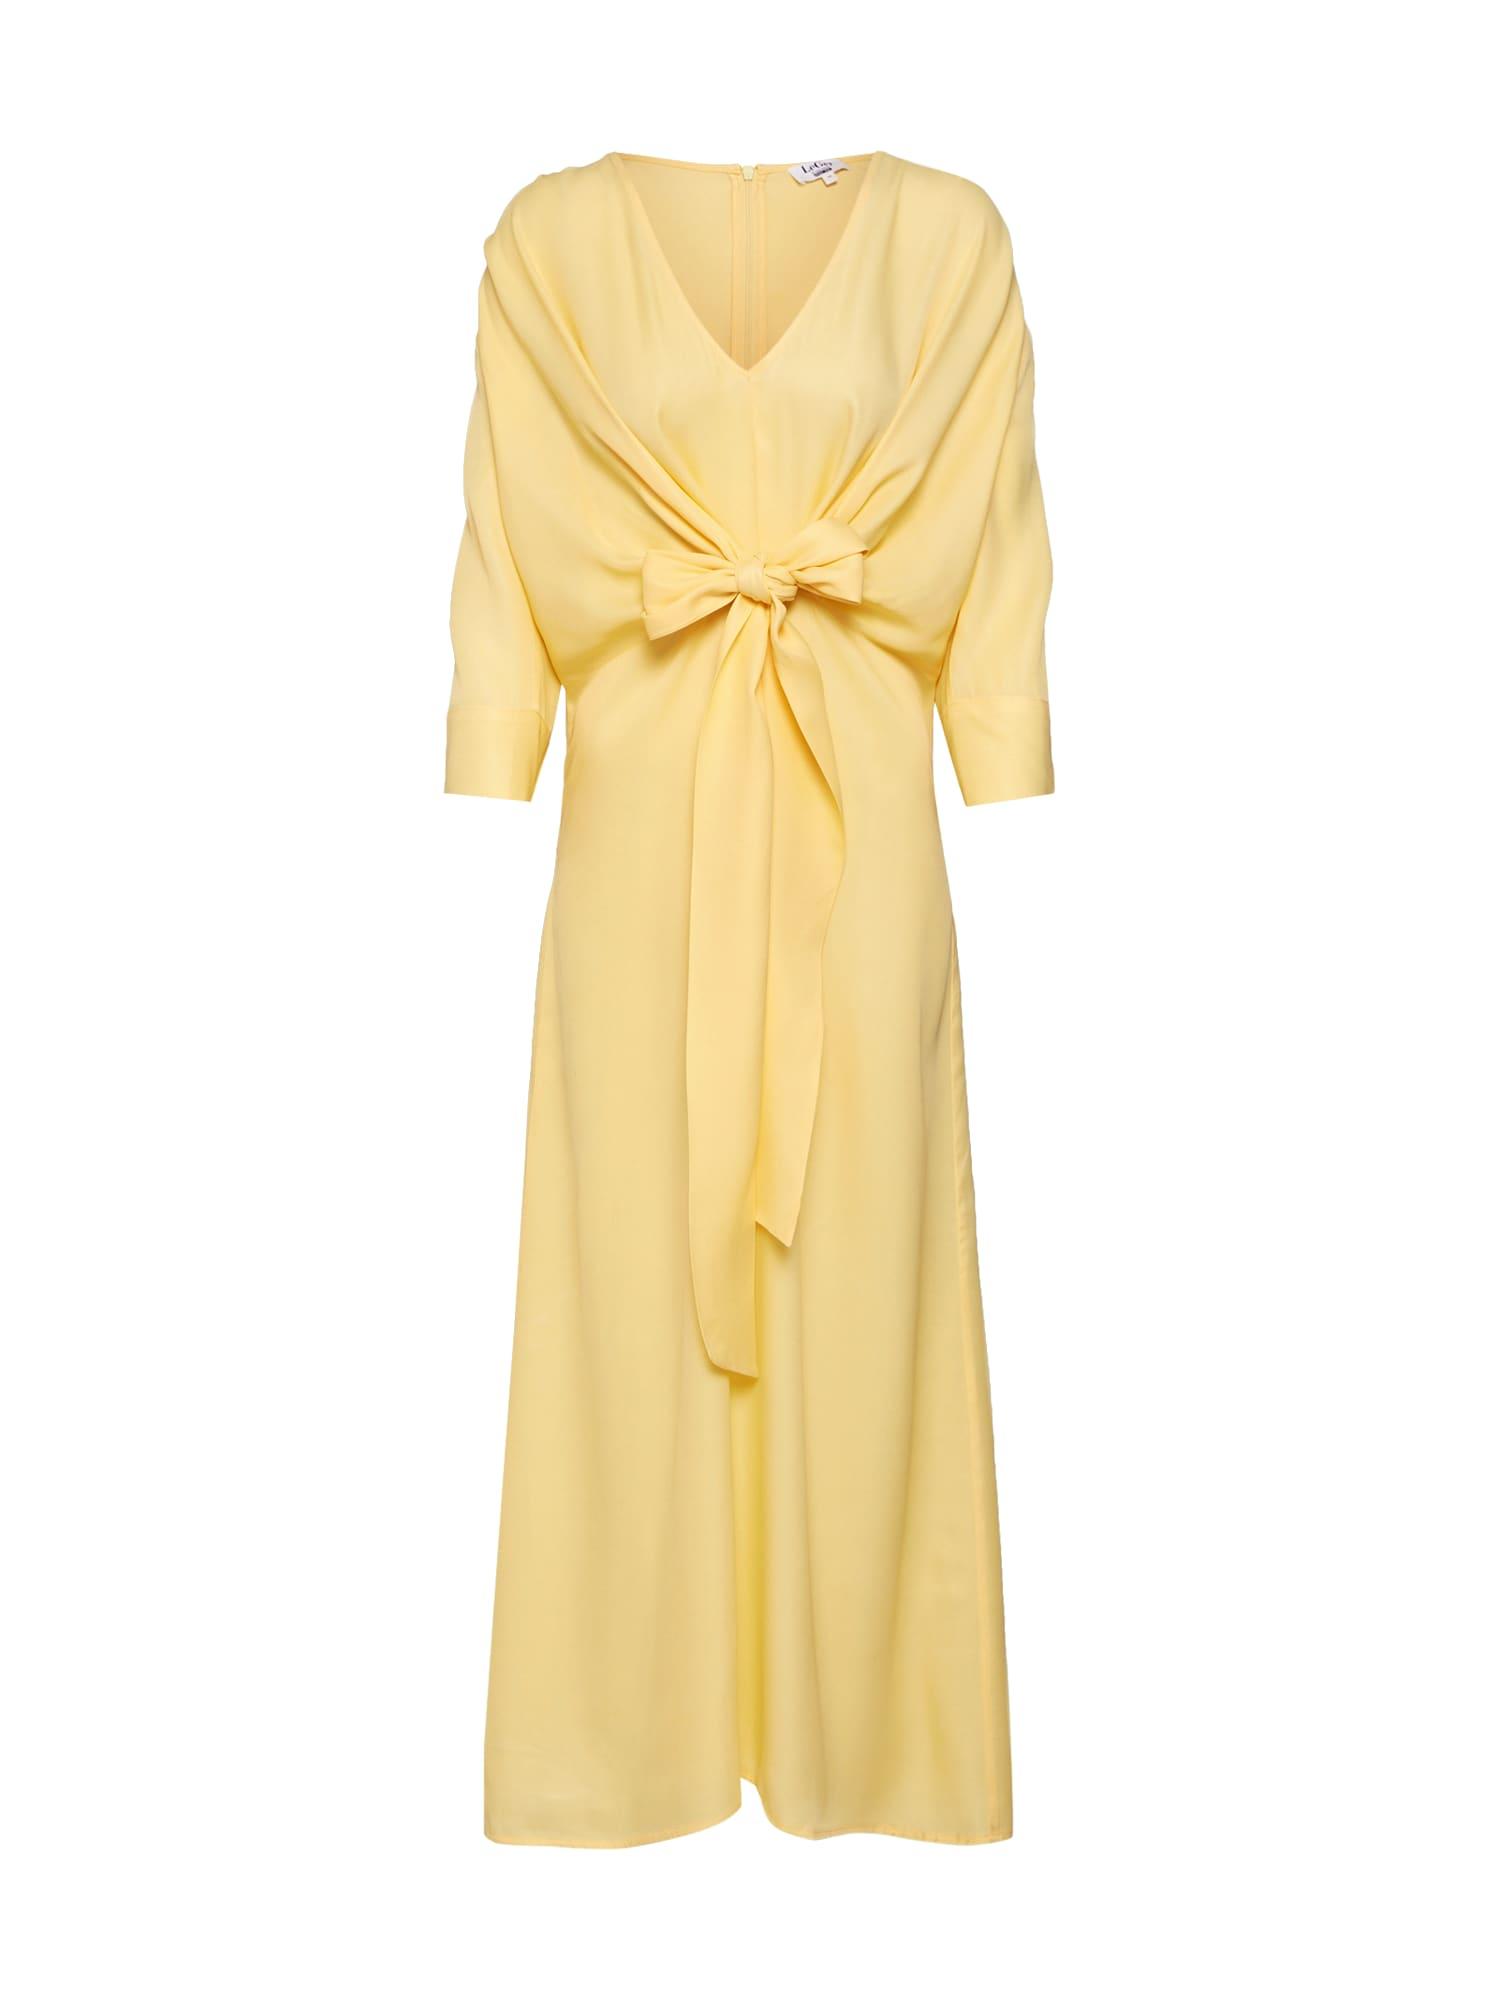 Šaty Victoria žlutá LeGer By Lena Gercke